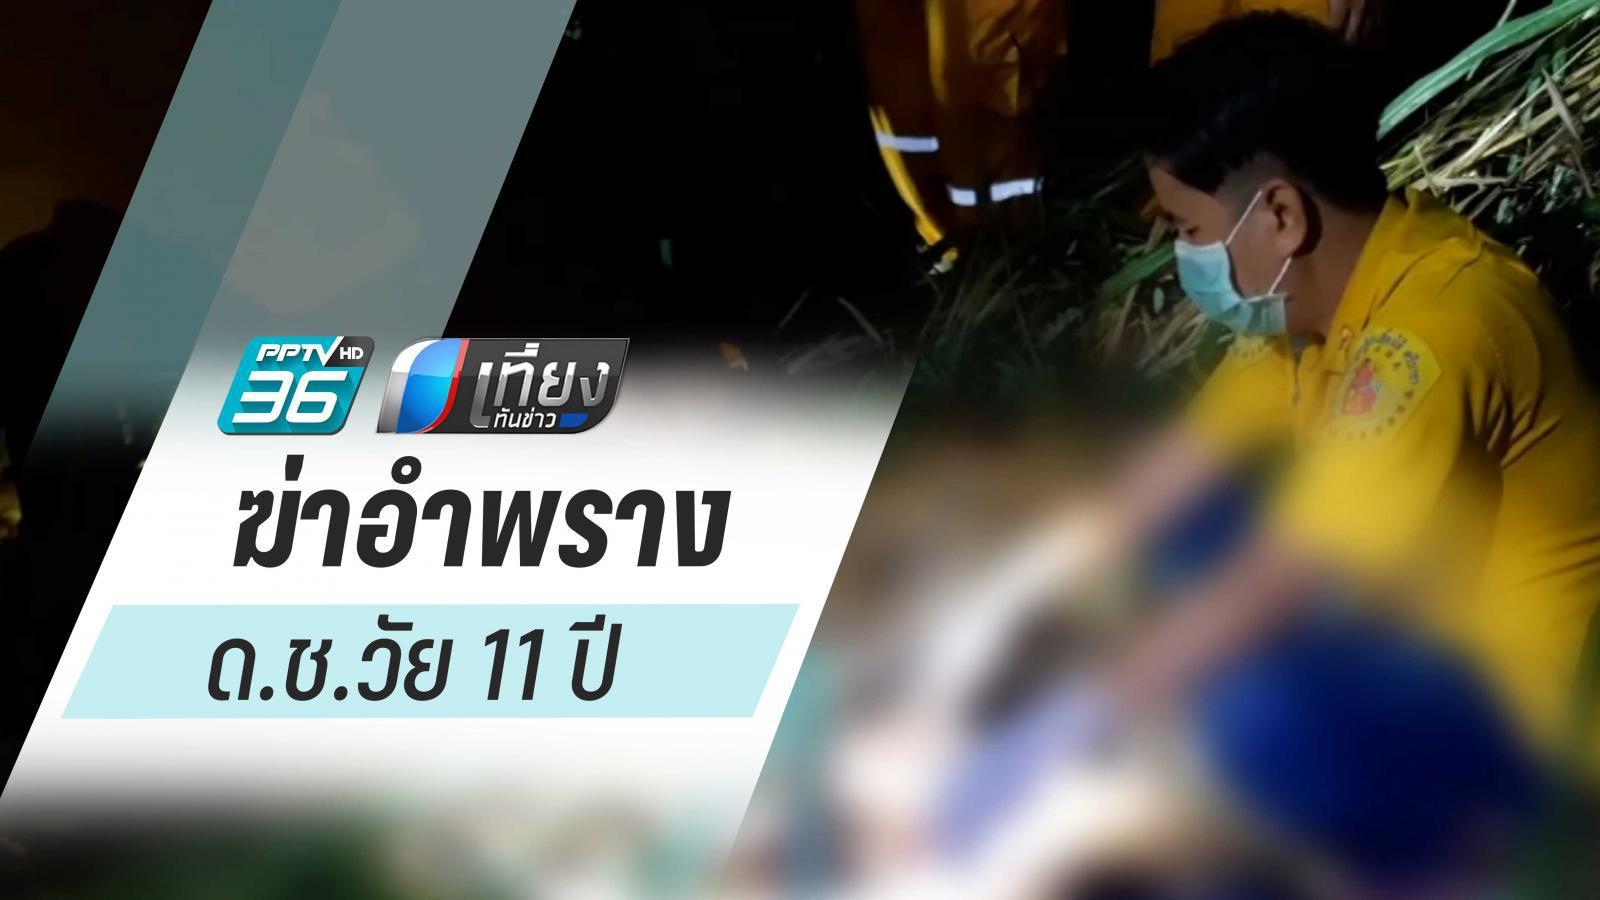 สามียาย ฆ่าฟันคอหลานชายวัย 11 ปี หมกป่าชลบุรี